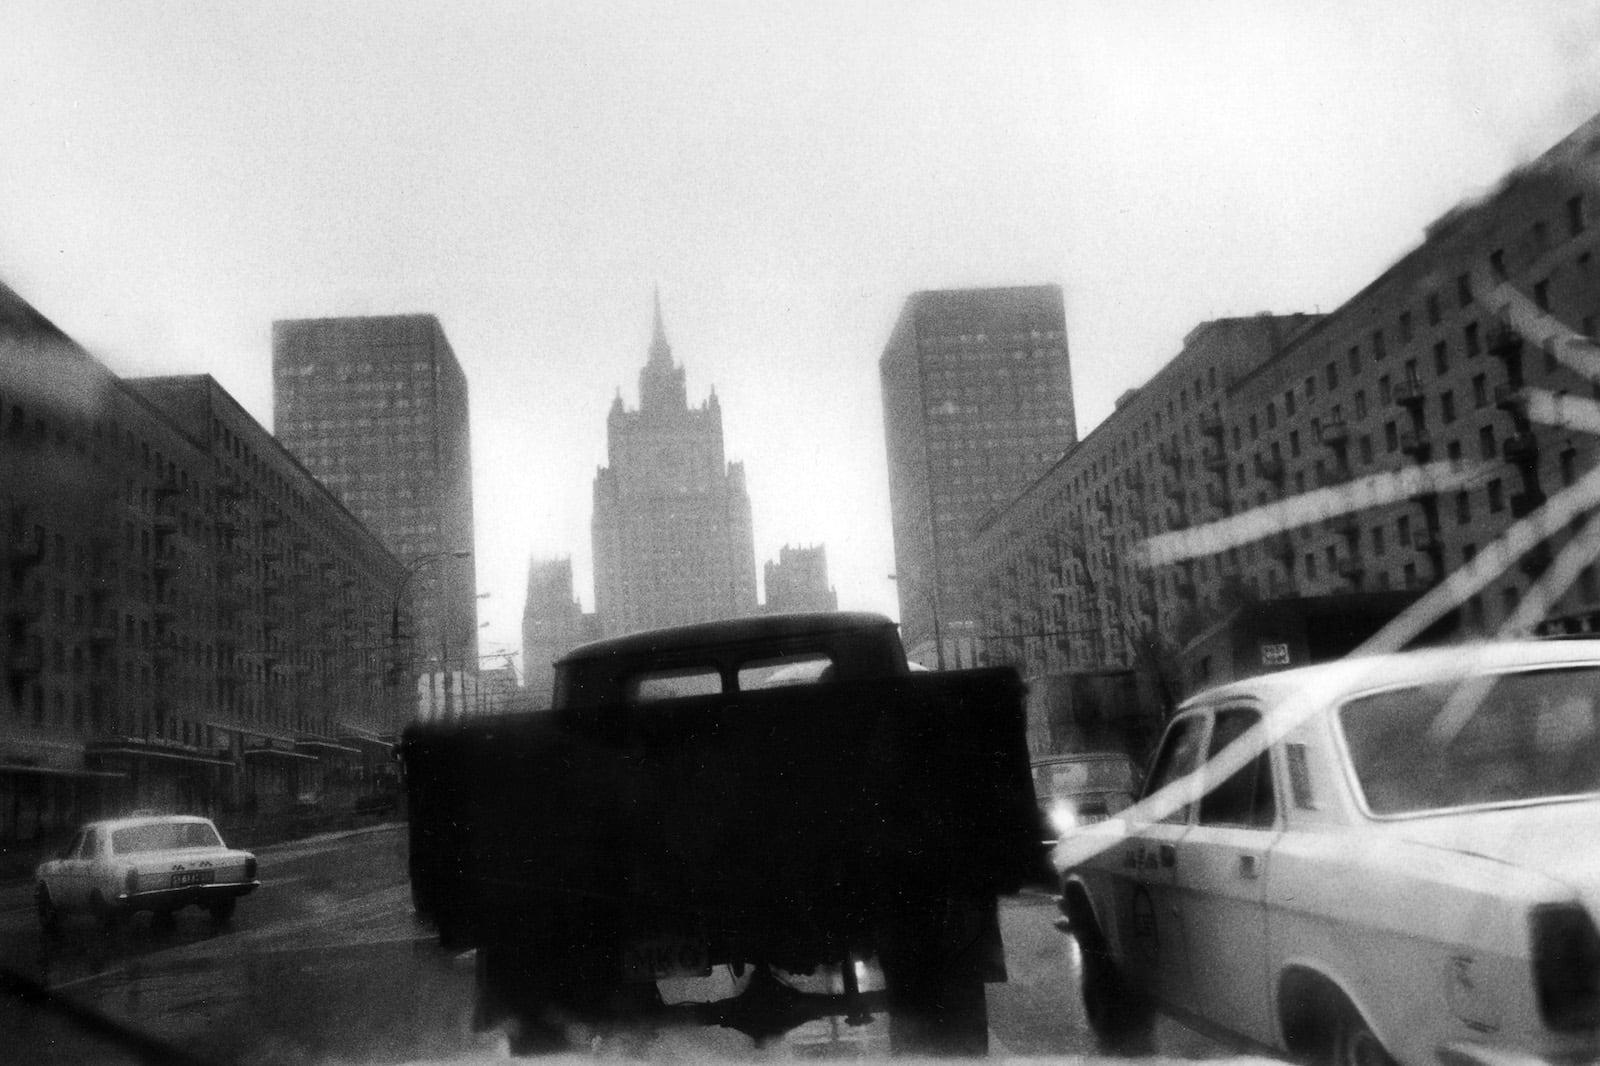 Jean-Christophe Béchet Moscou, URSS Tirage gélatino-argentique sur papier Kentmere, réalisé par l'artiste 26 x 36 cm Dim. papier: 30 x 40 cm